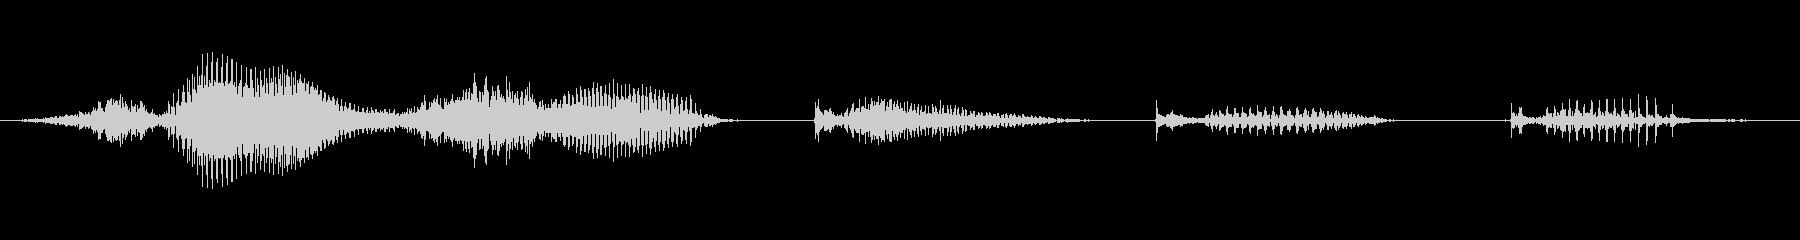 【日数・経過】3週間経過の未再生の波形